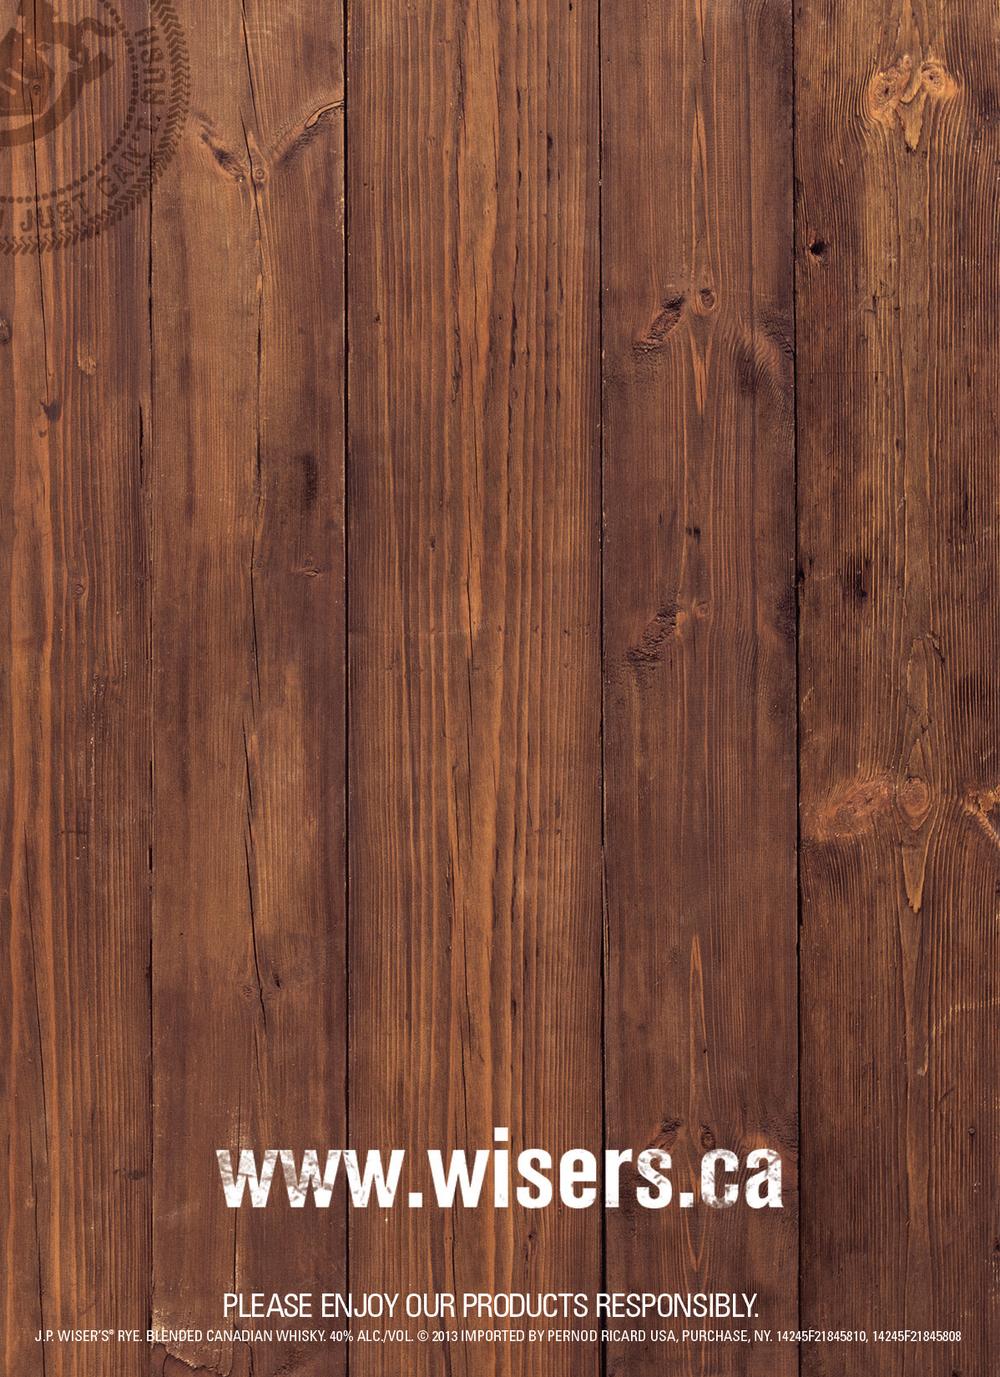 Toutant_Wisers_Welcome-4_n1.jpg